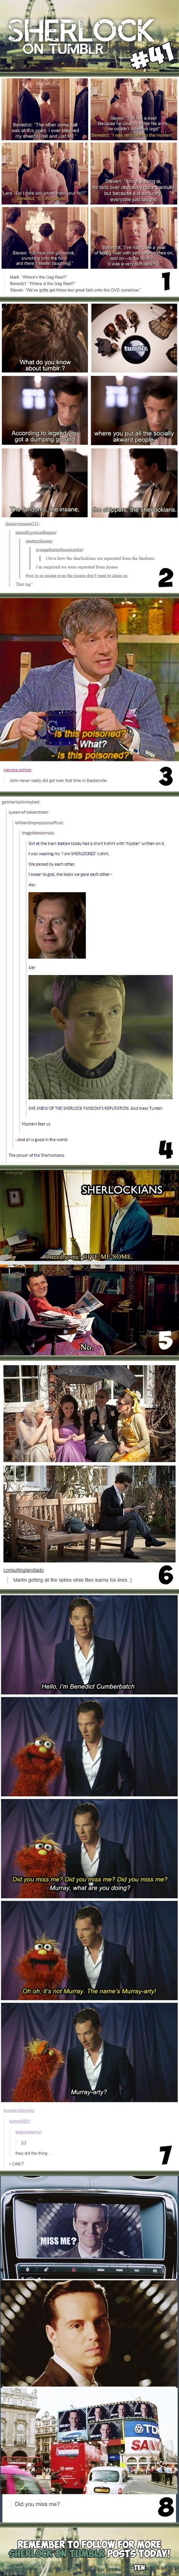 3080 best Sherlock images on Pinterest